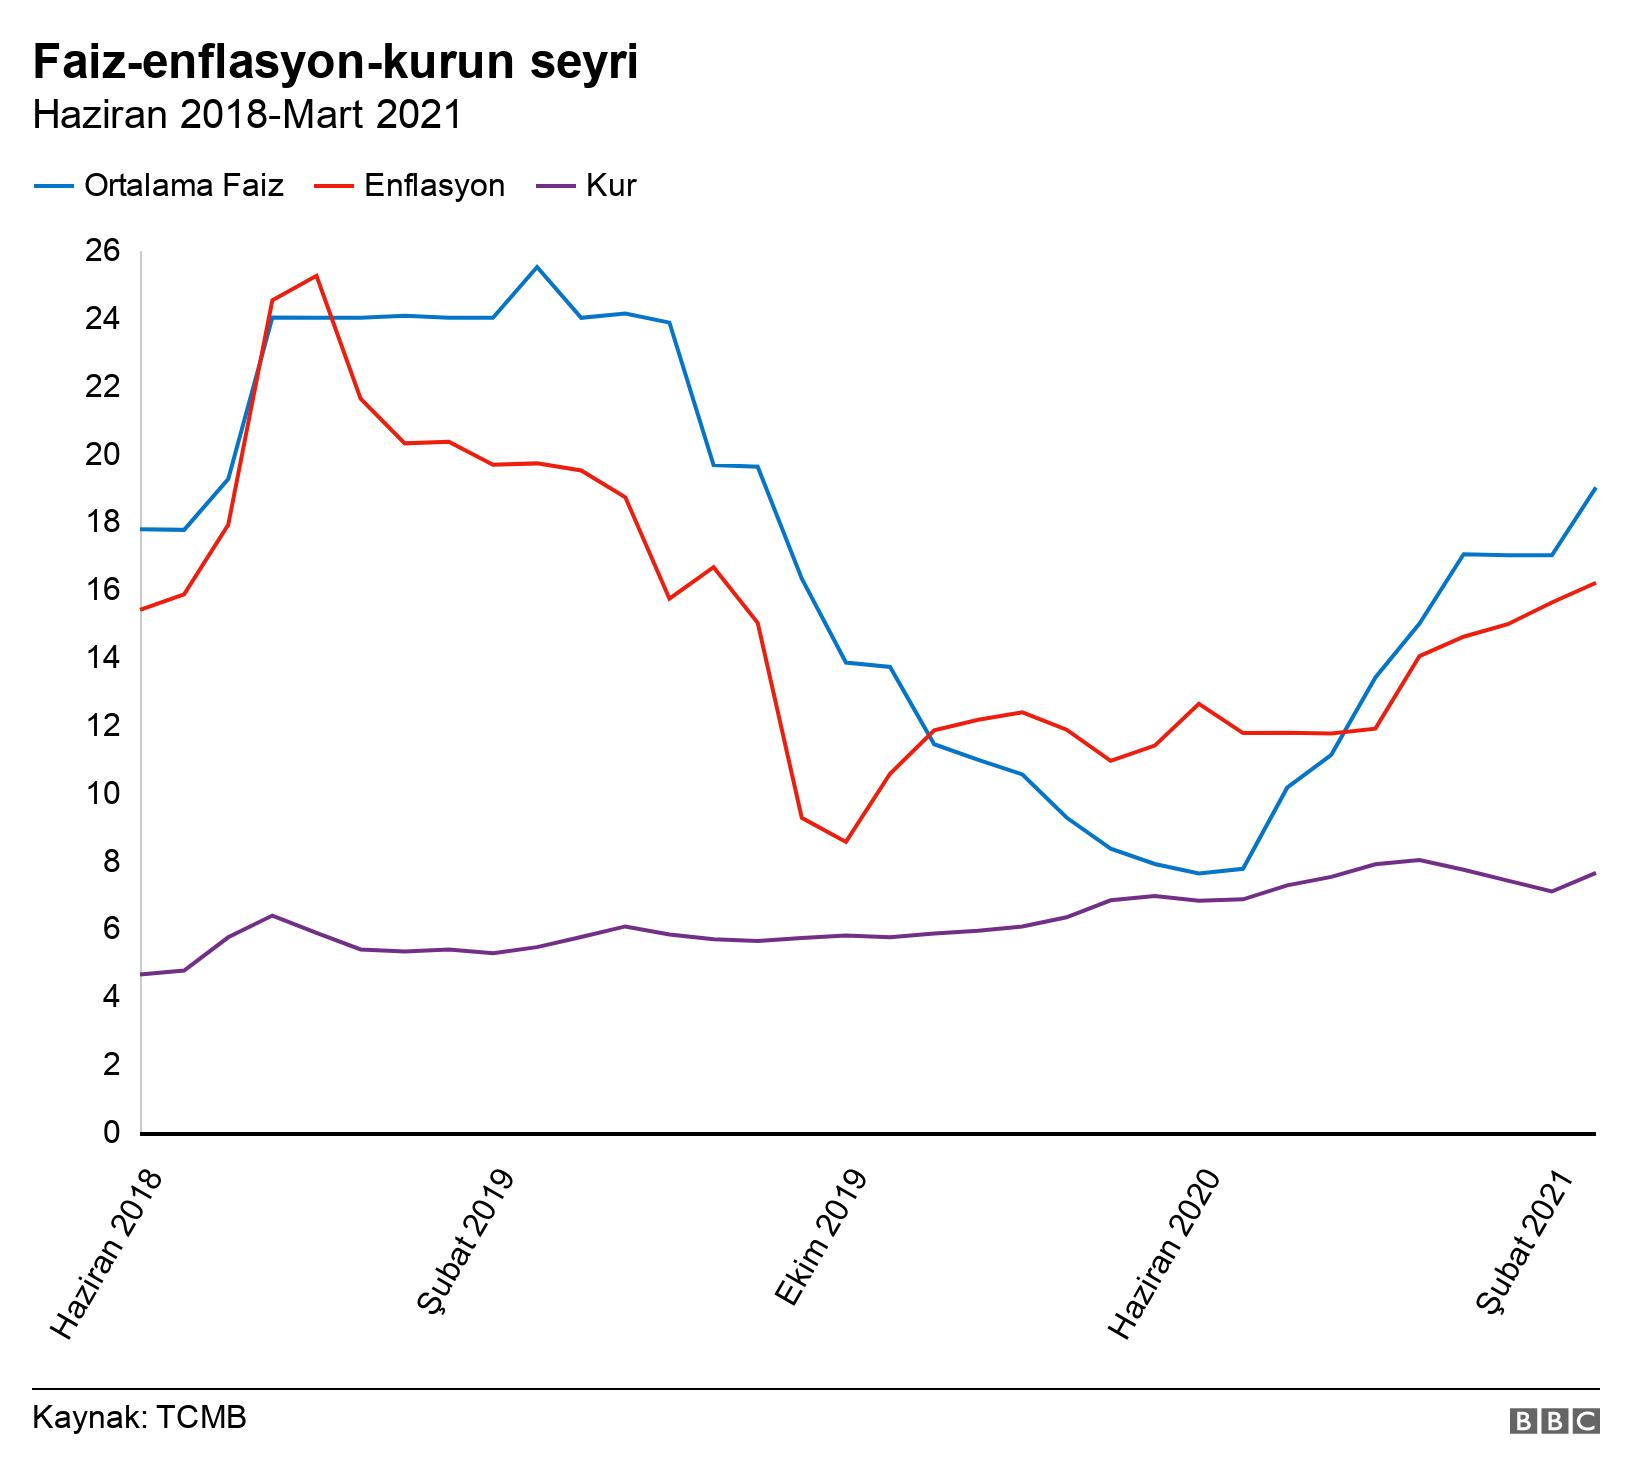 Macro Dersi: Faiz-enflasyon-kur arasında nasıl bir ilişki var?